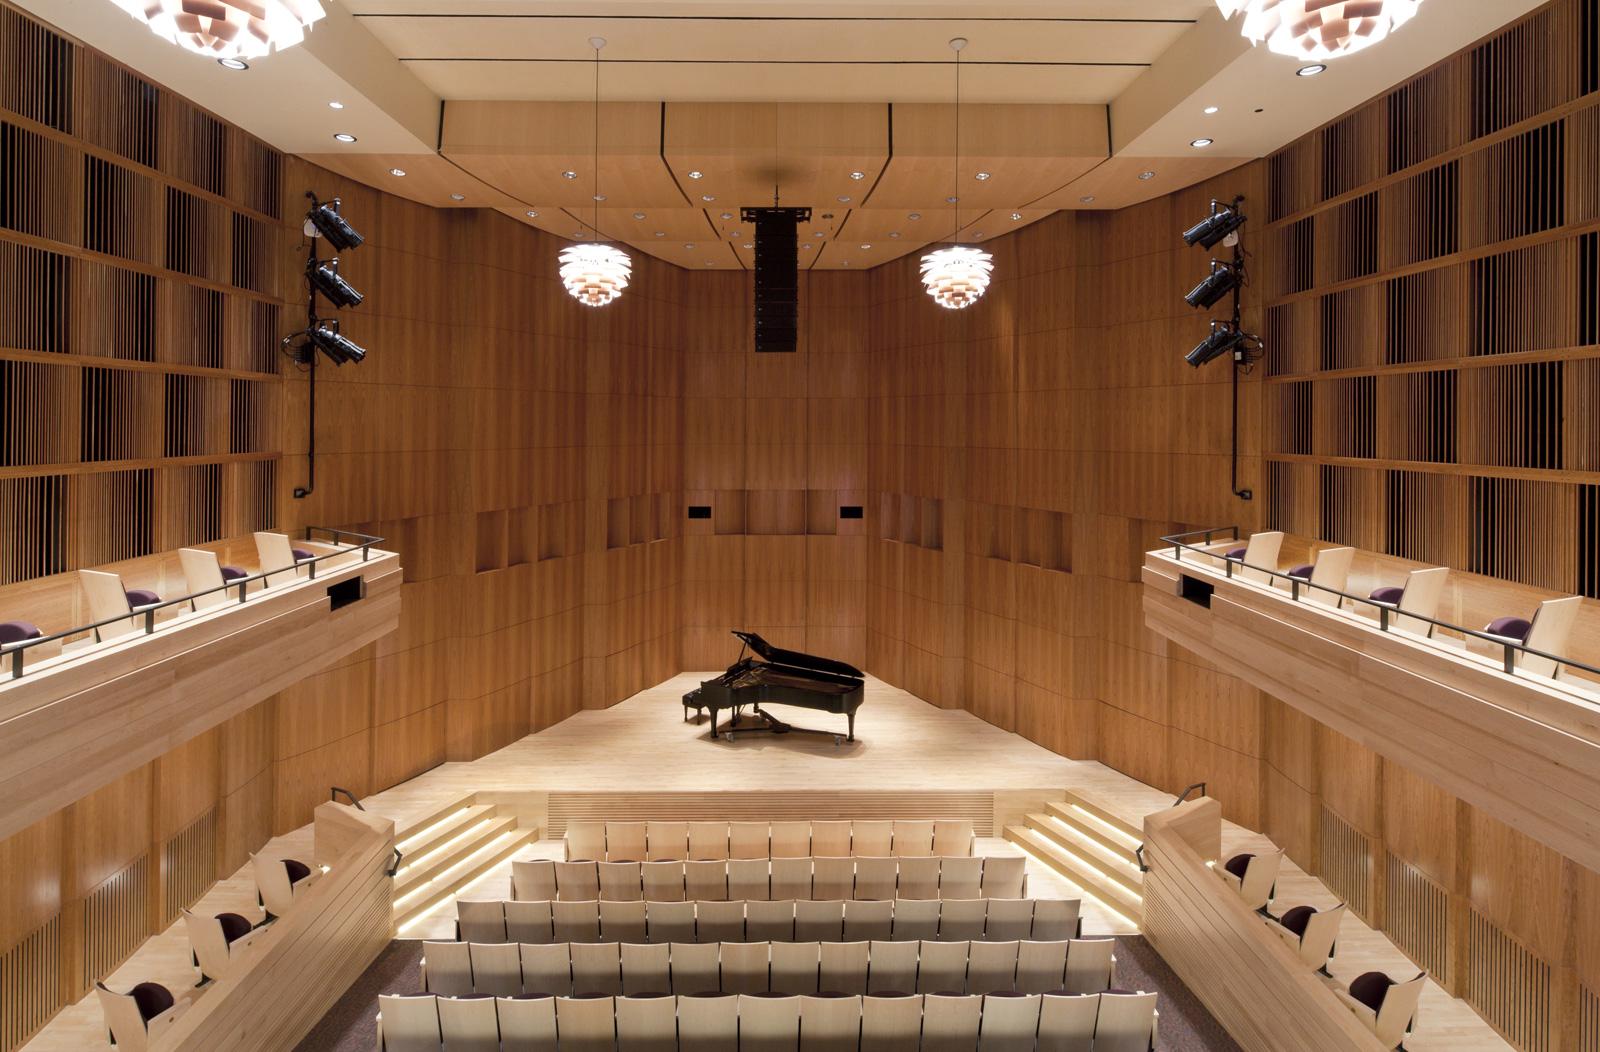 Eastman School of Music: Hatch Recital Hall